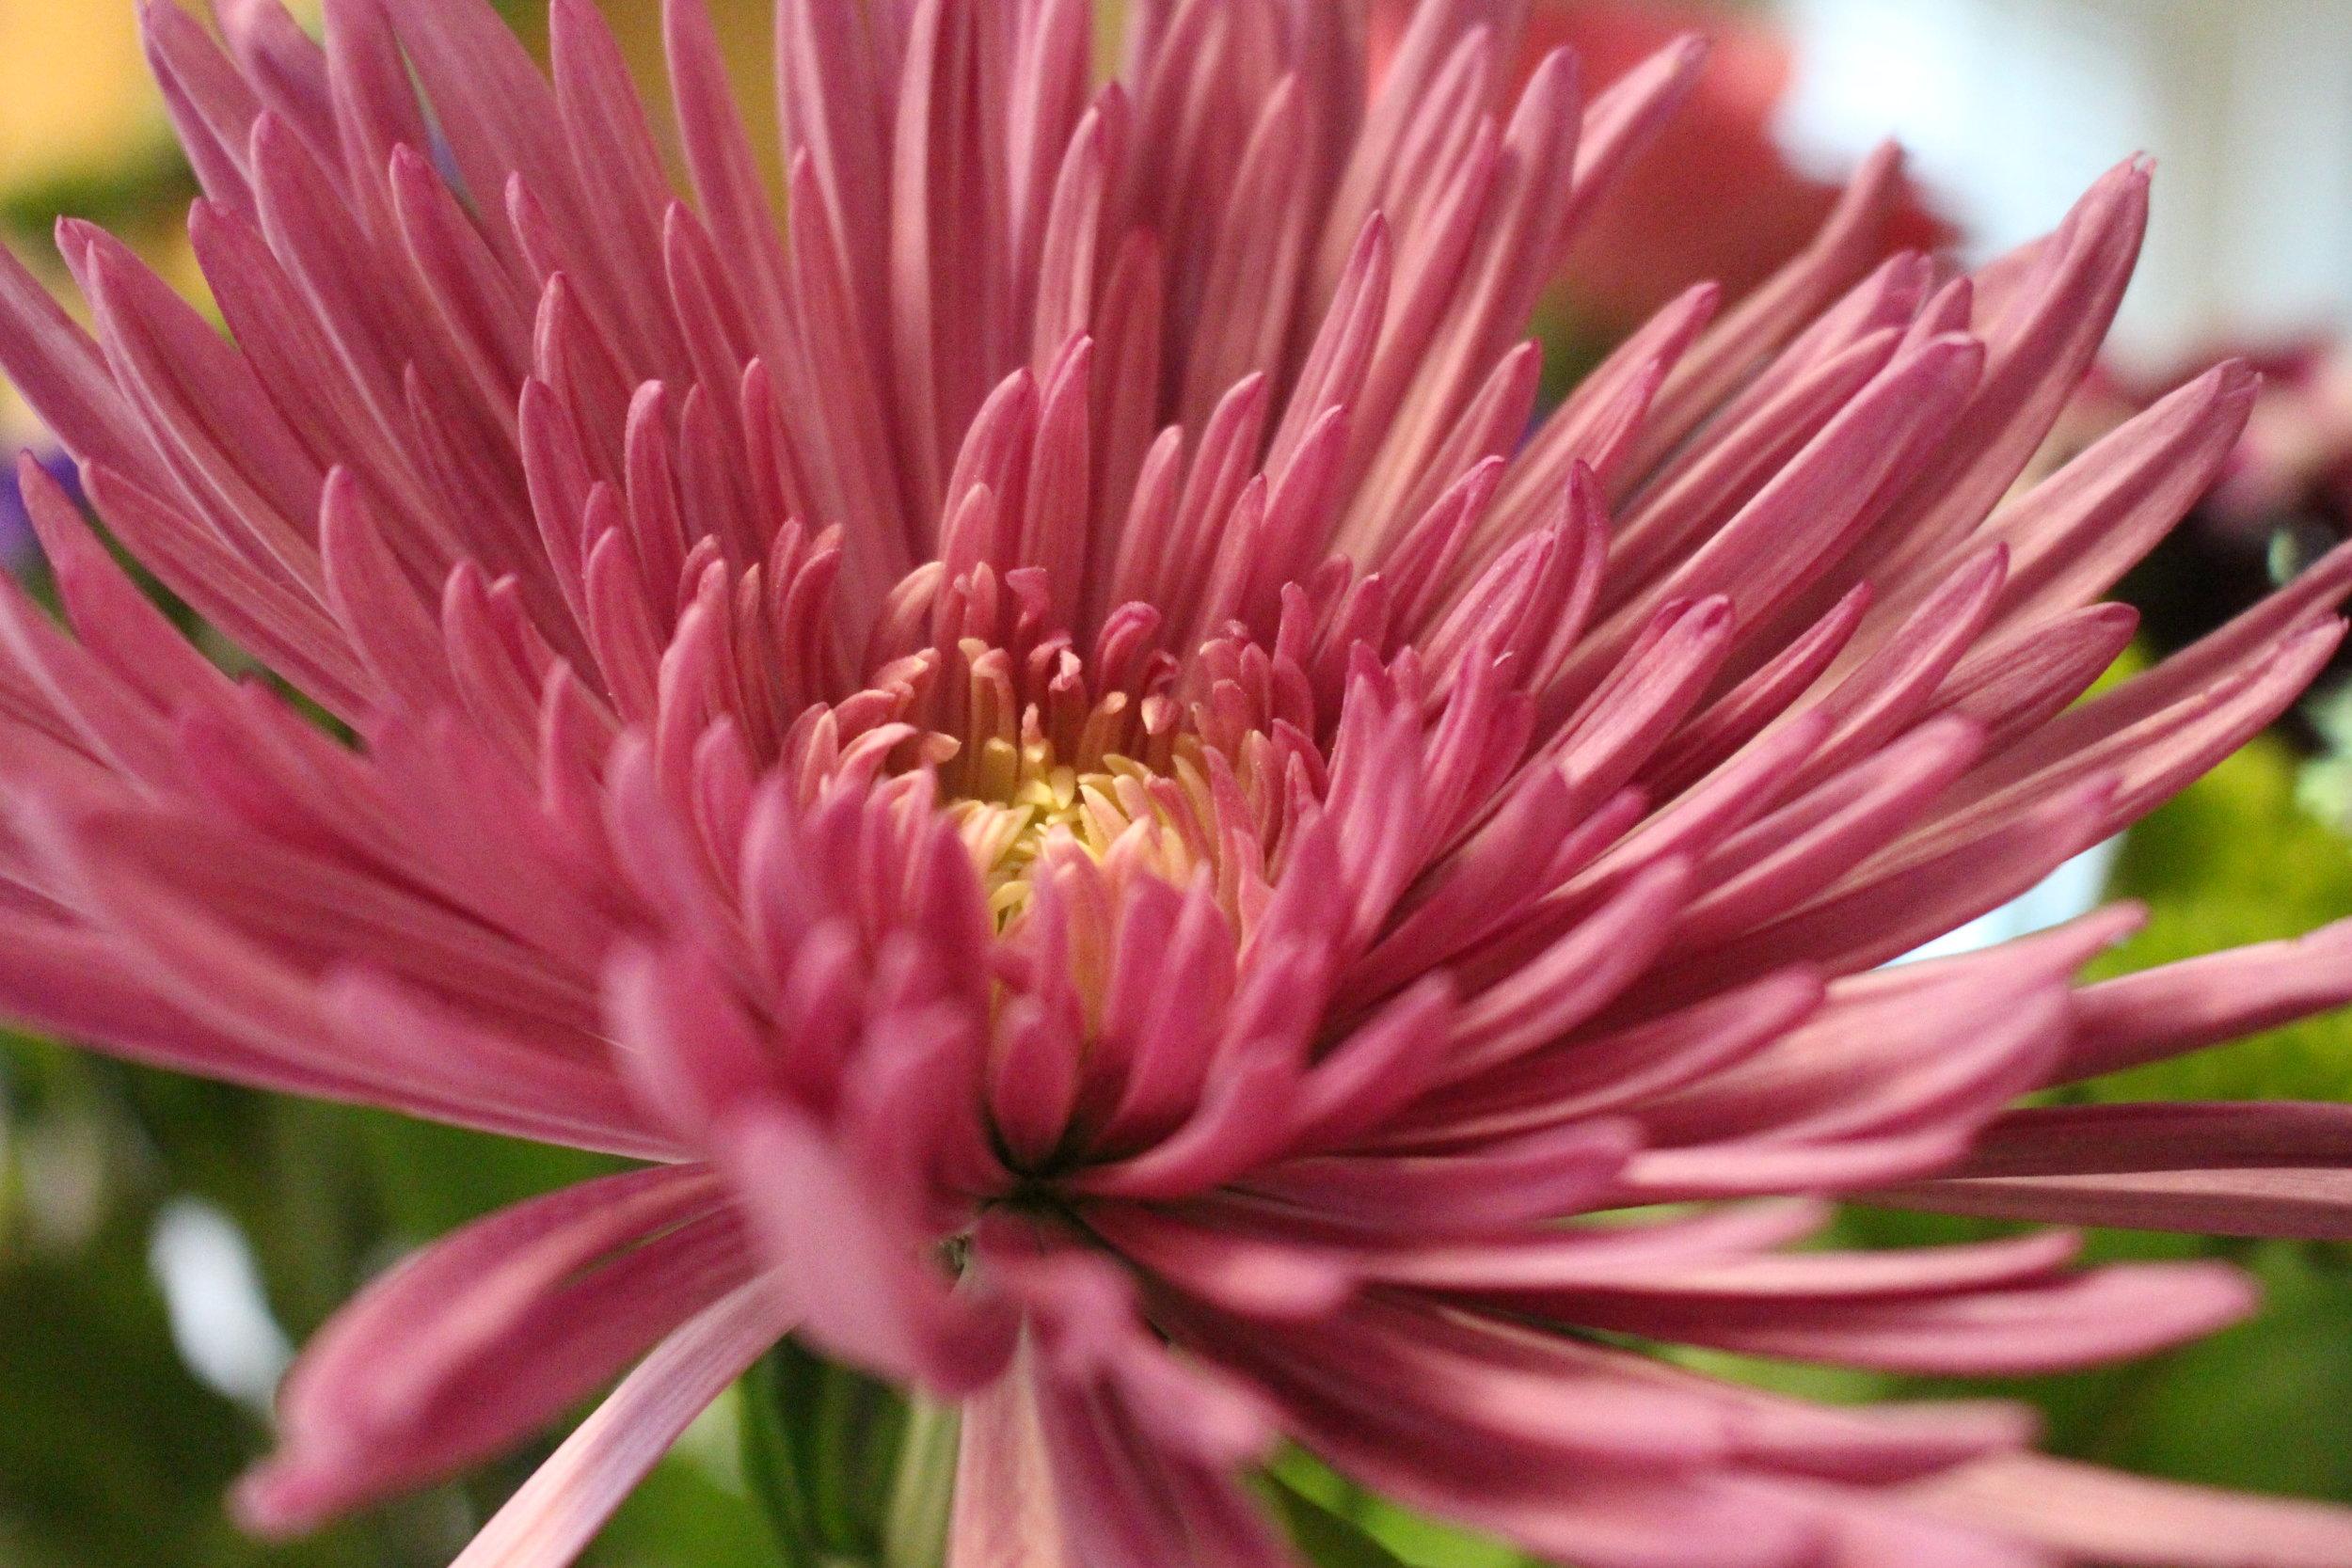 #114 Chrysanthemum,  Chrysanthemum  coronarium